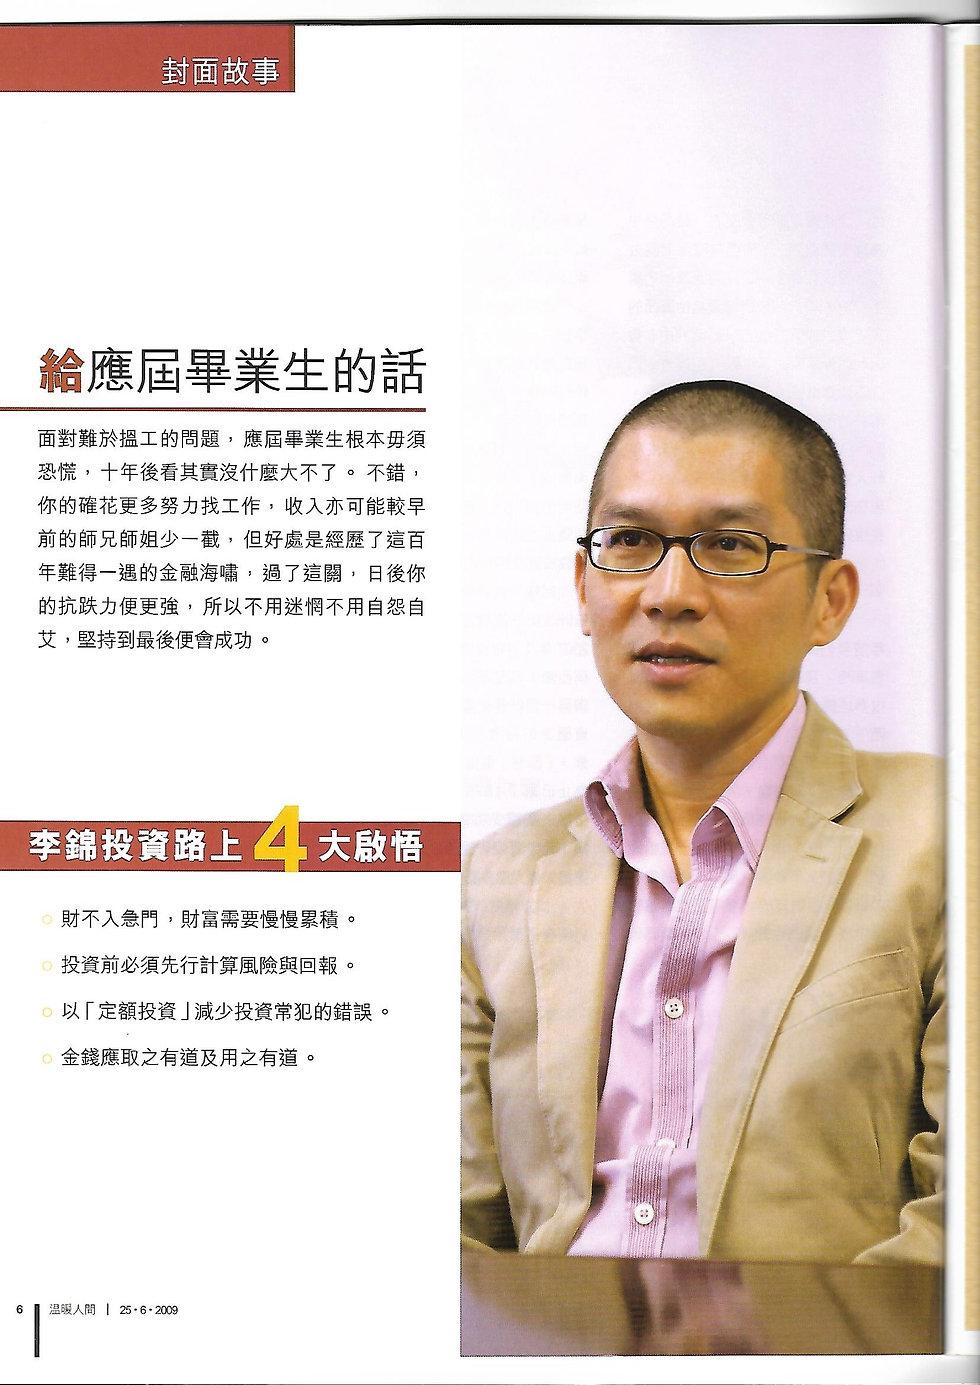 20090625_溫暖人間_Page_6.jpg